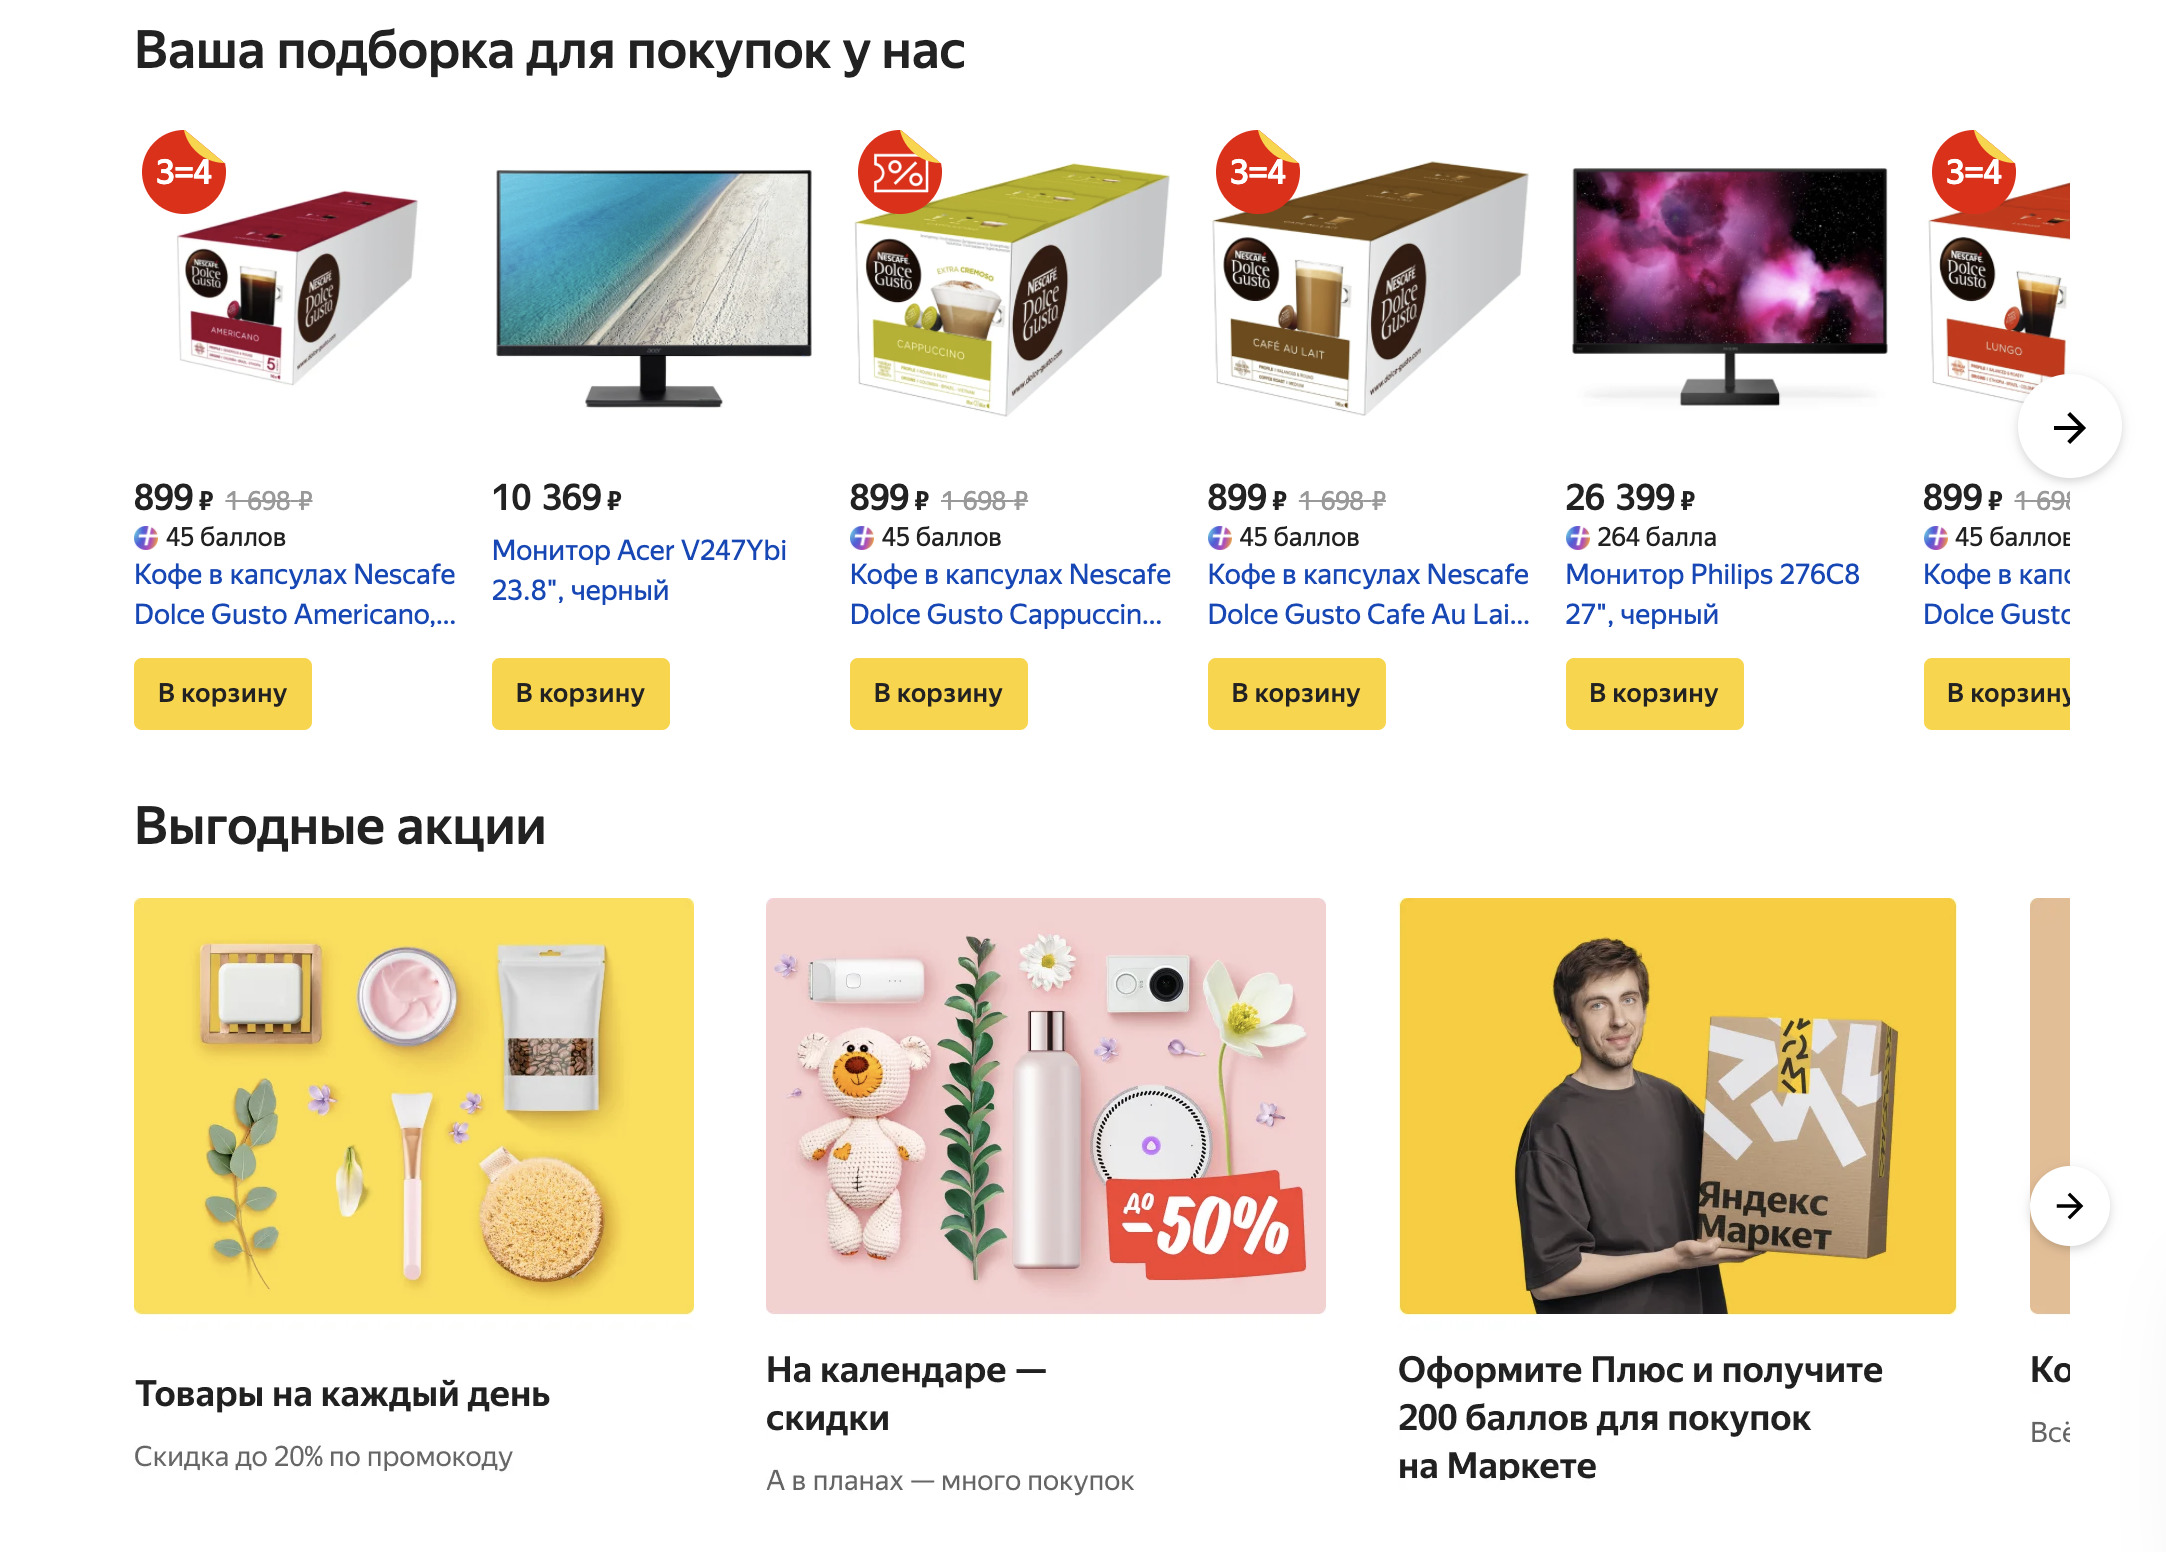 Доставка из Яндекс.Маркет в Елабуга, сроки, пункты выдачи, каталог